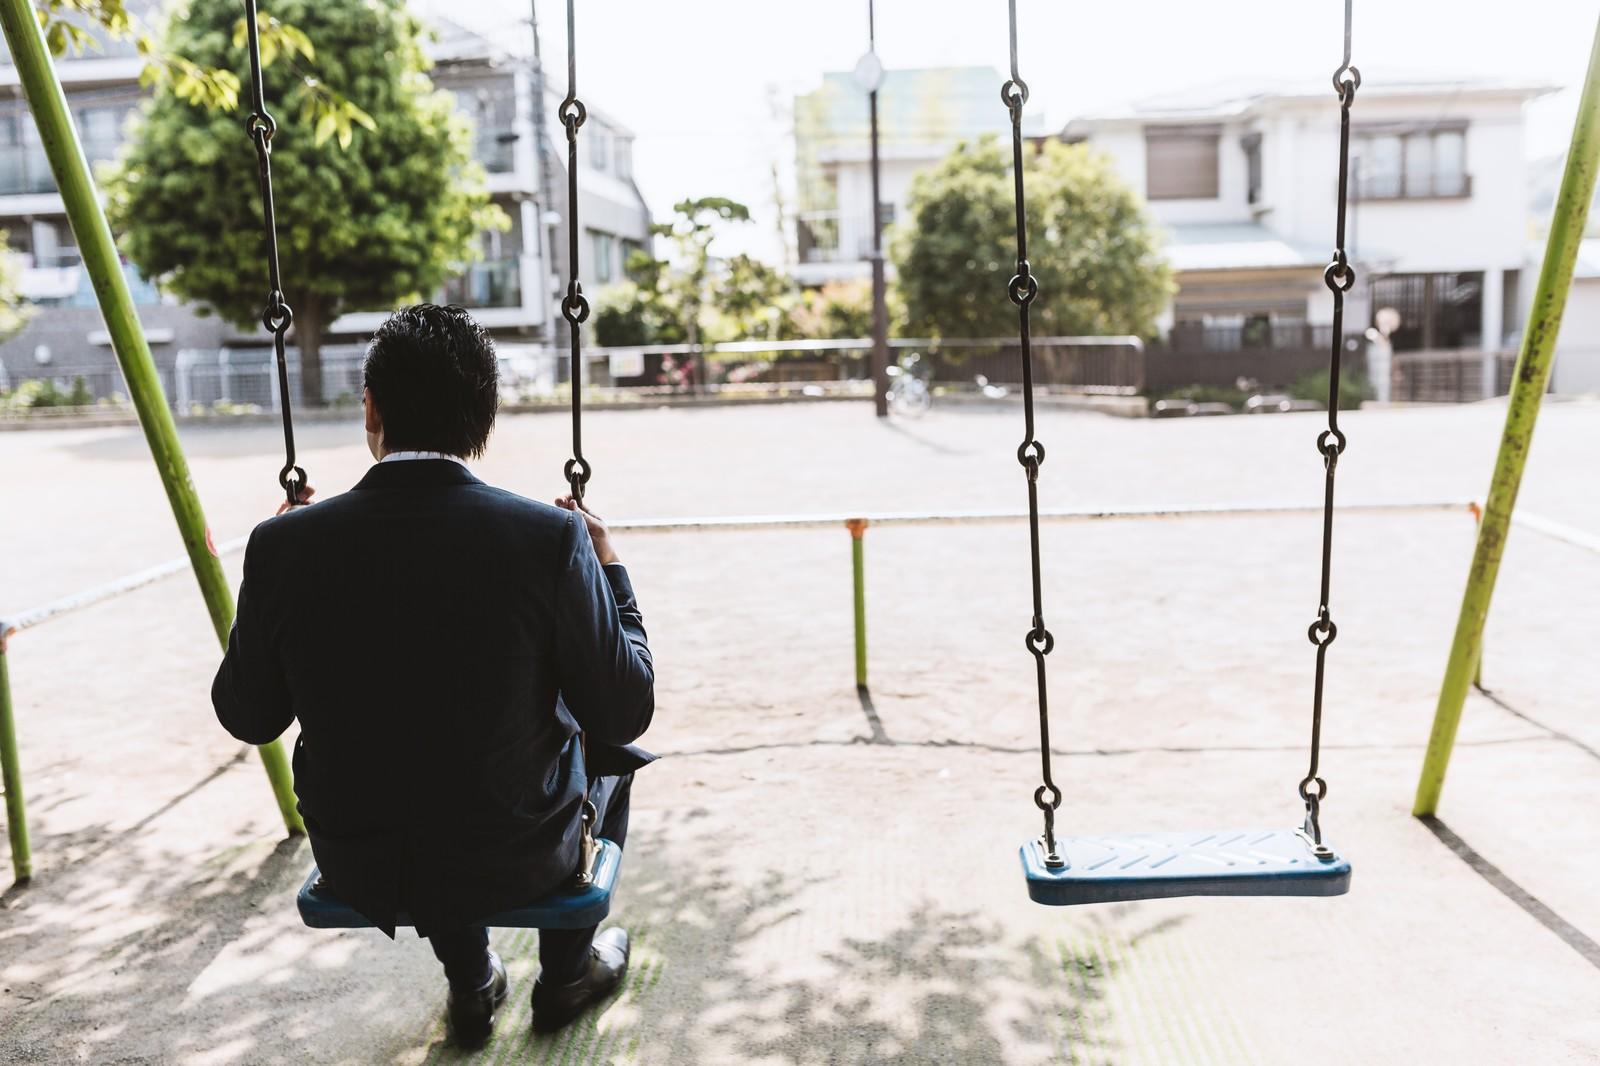 夏でも安心の屋内も!子どもの遊び場4選+番外編